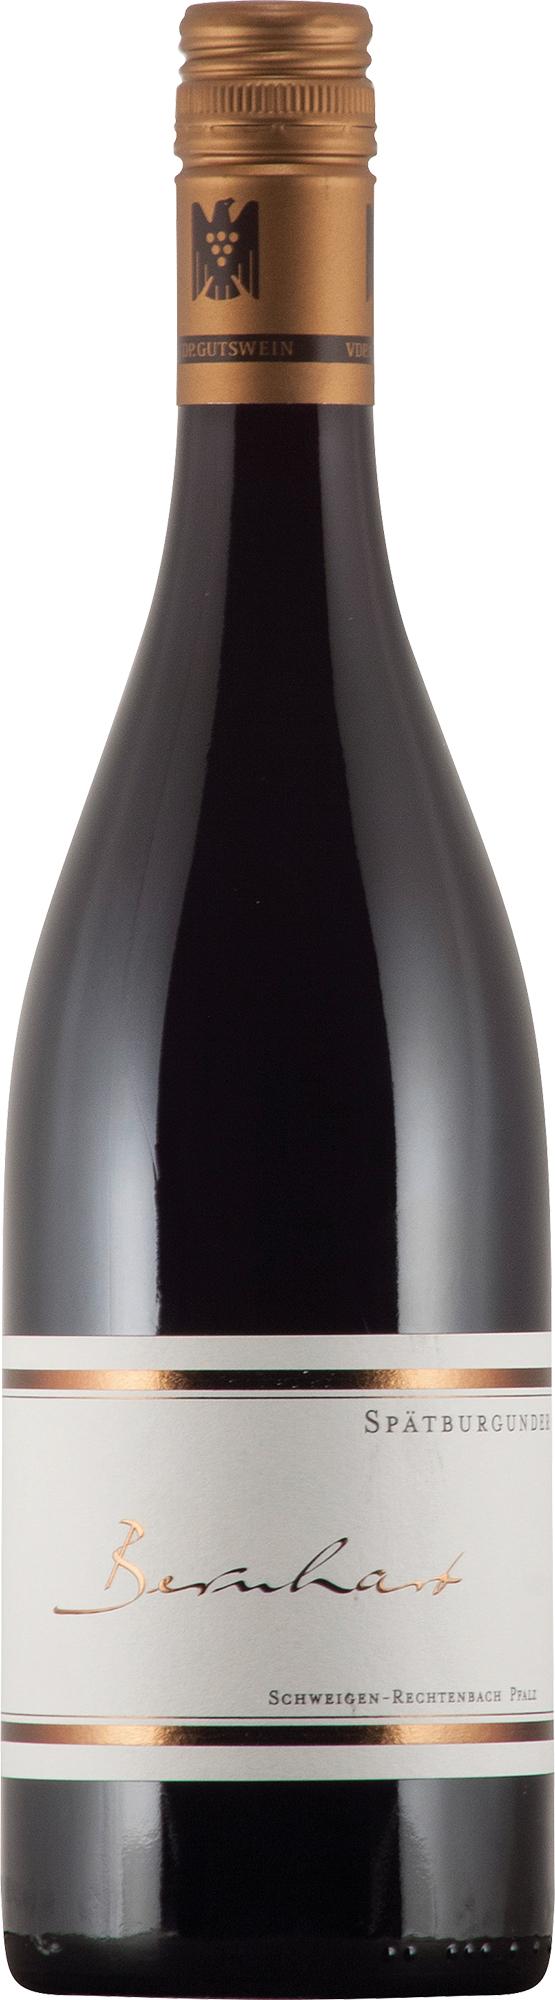 Weingut Bernhart QbA Spätburgunder Rotwein